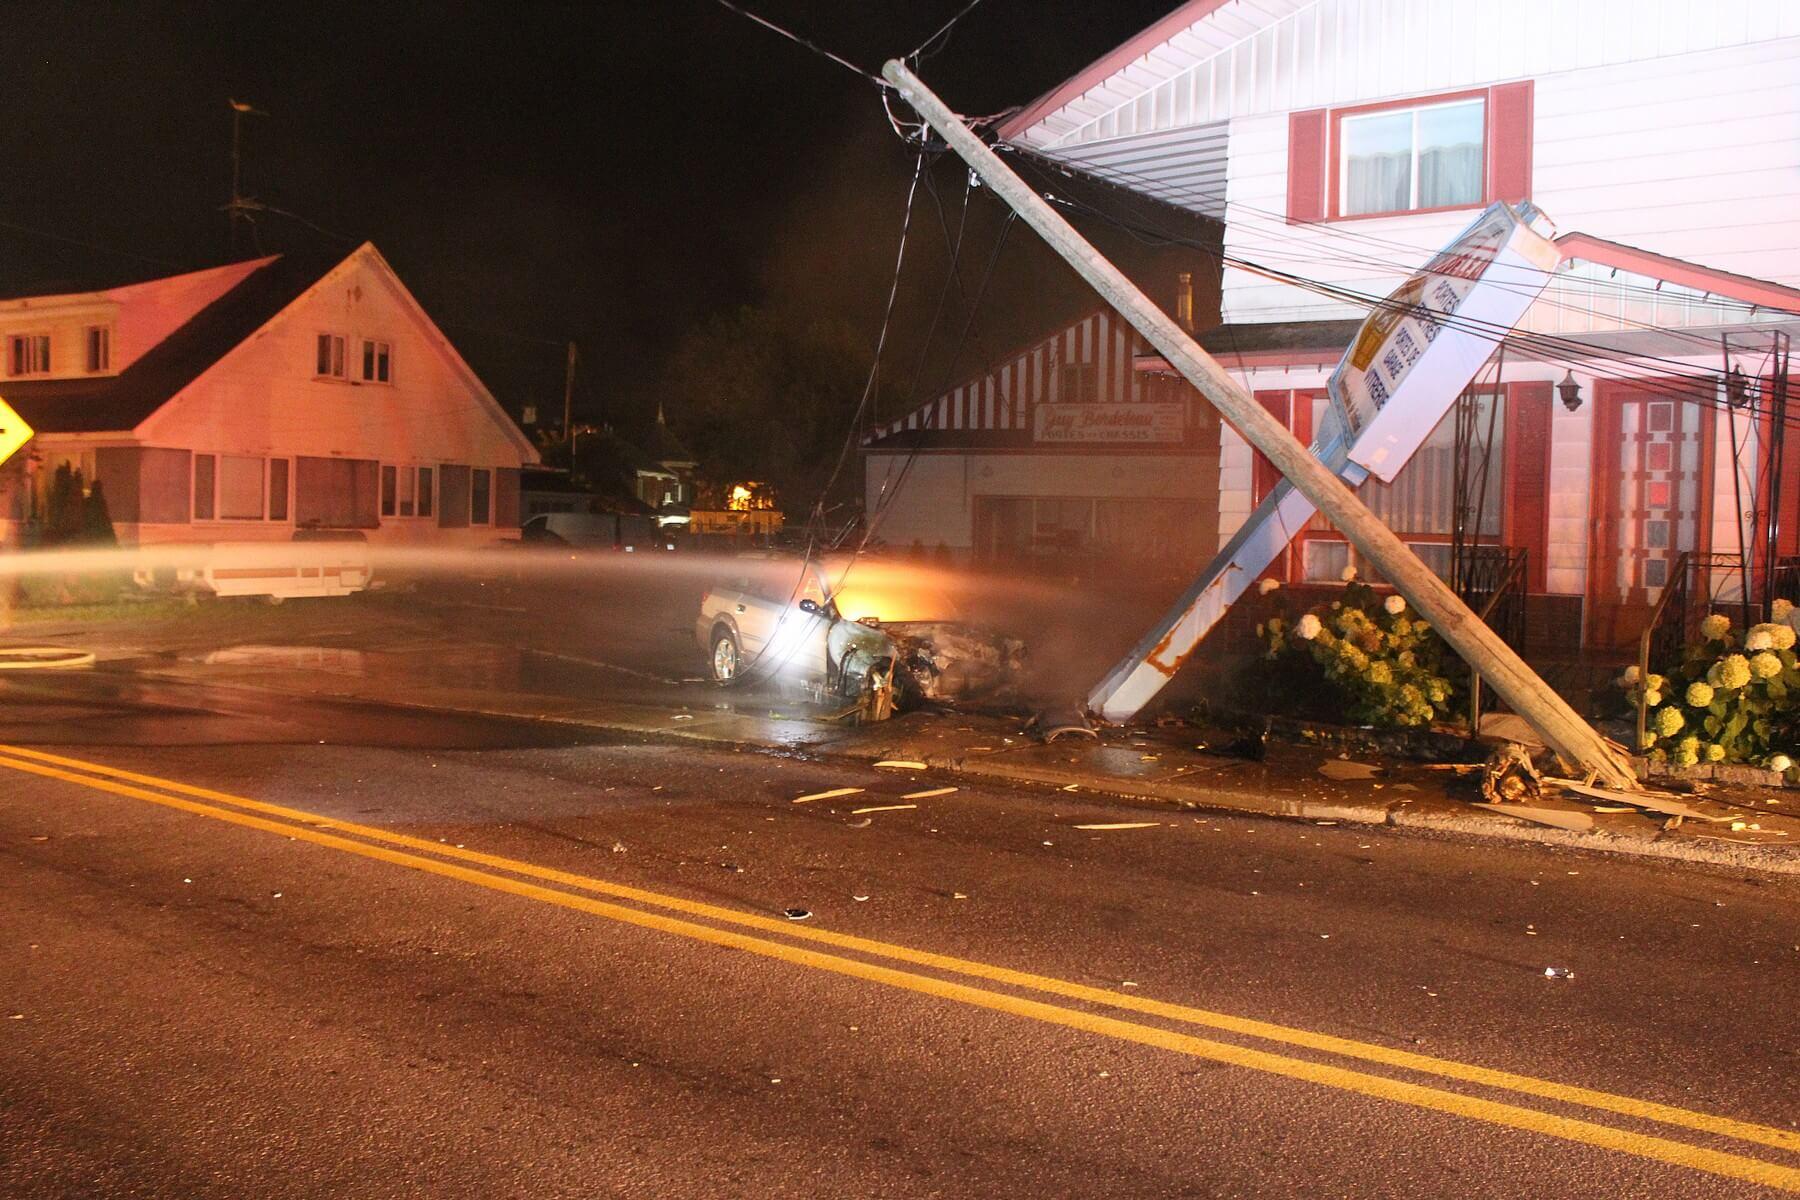 Une voiture a pris feu après avoir percuté un poteau d'électricité, dans la nuit du 4 août 2018, à Saint-Félix-de-Valois.